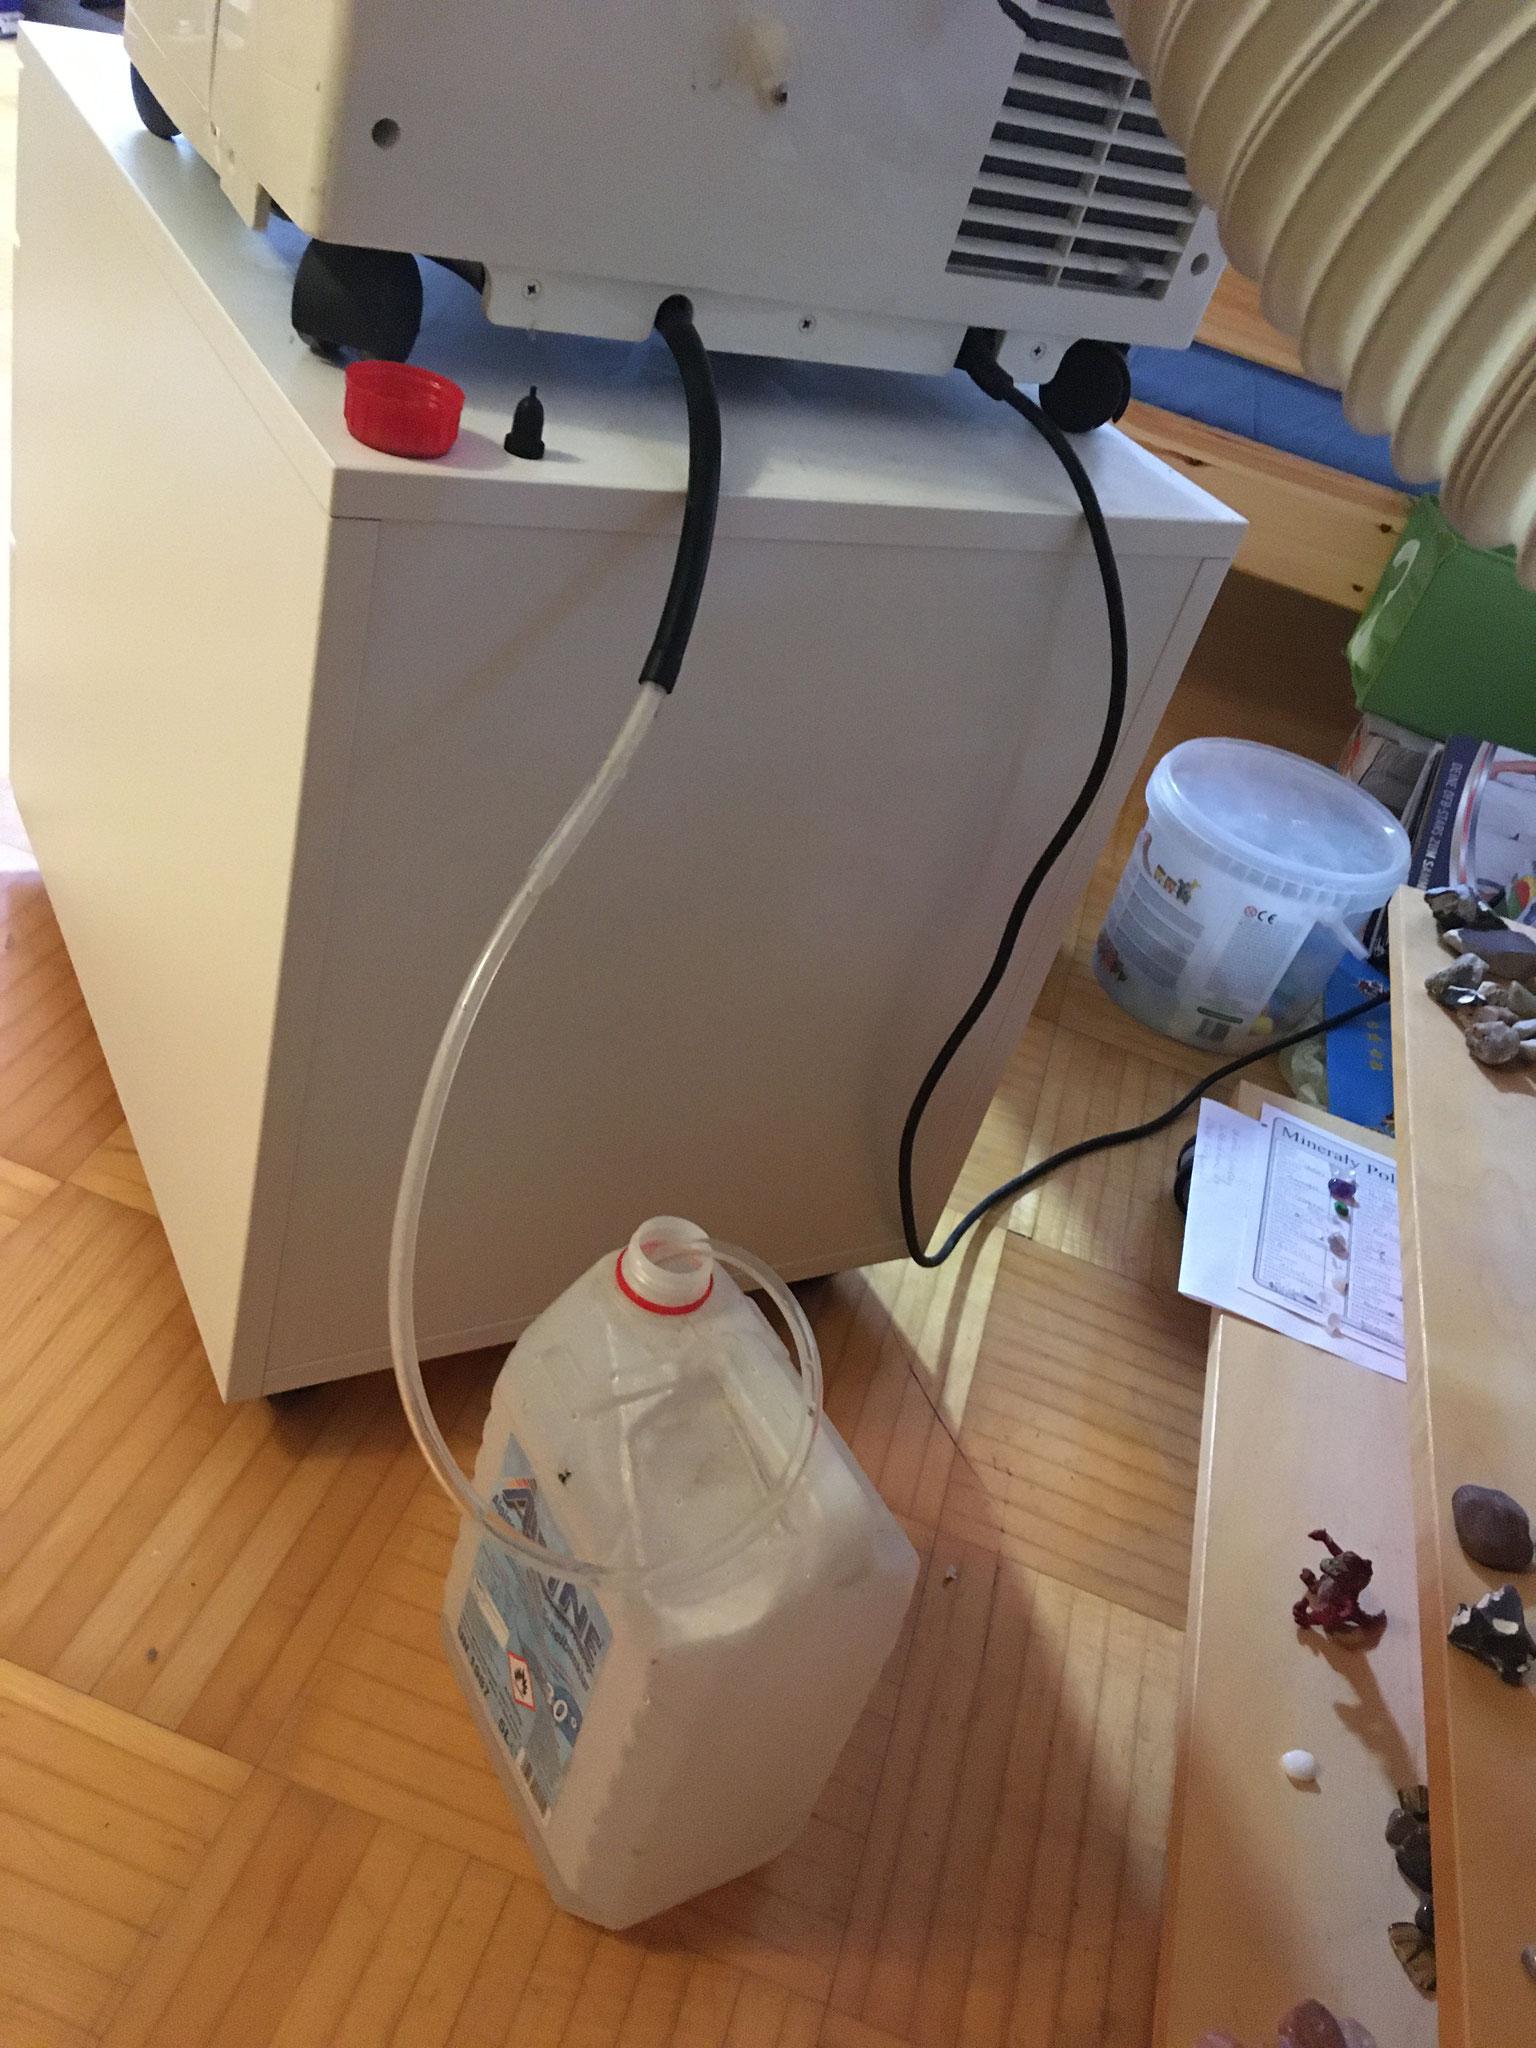 Ein Kanister wurde ergänzt, um das Kondensat kontinuierlich aufzufangen.